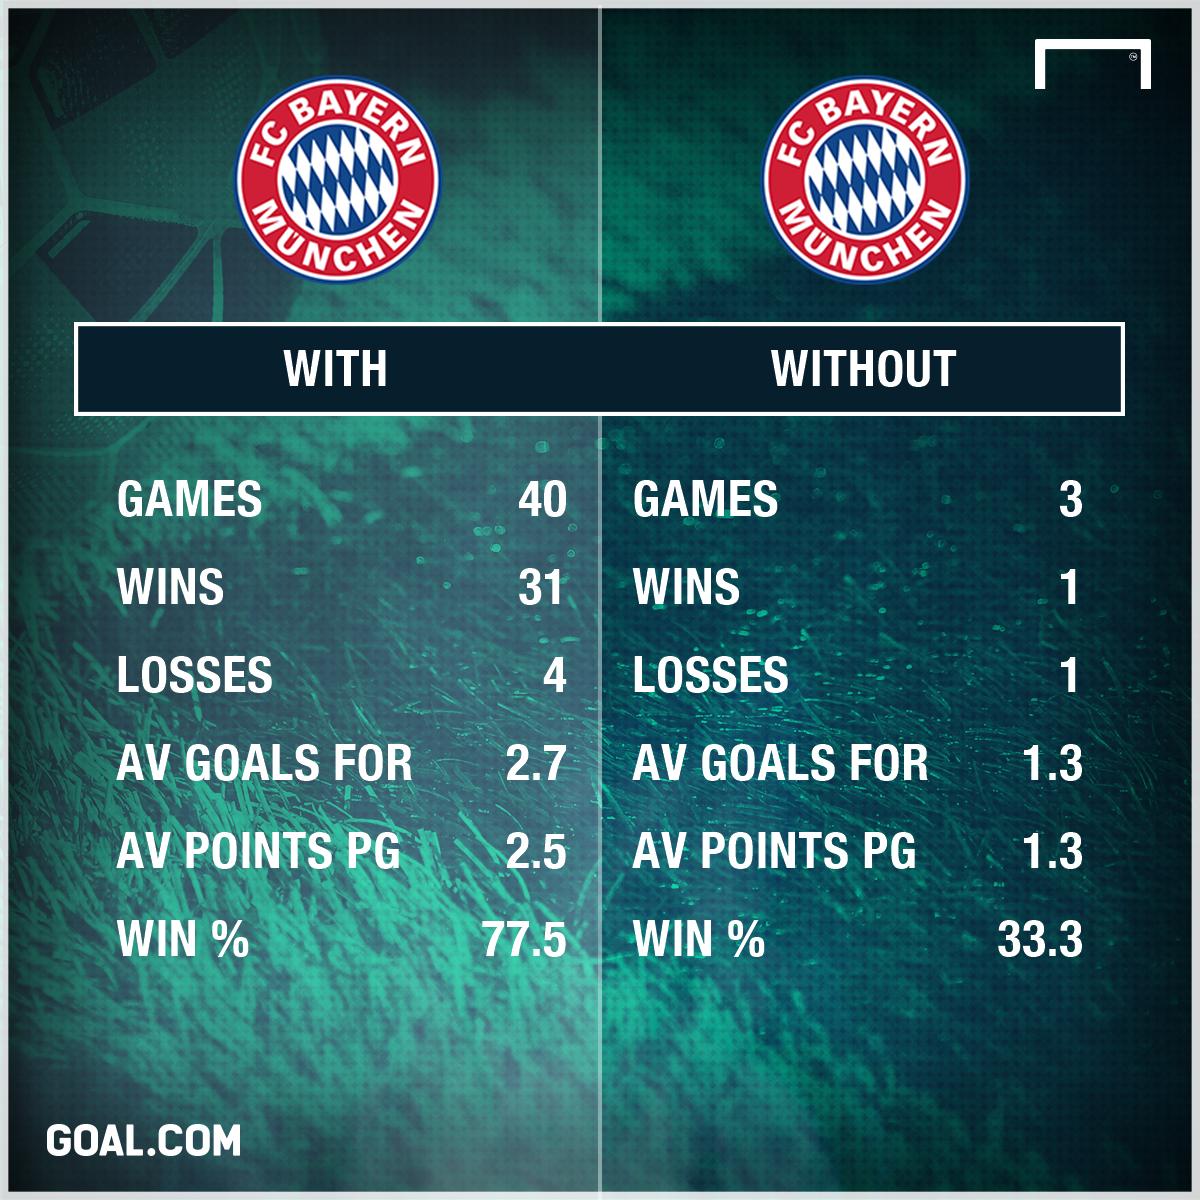 THỐNG KÊ: Lý do Real phải dè chừng Lewandowski - Bóng Đá